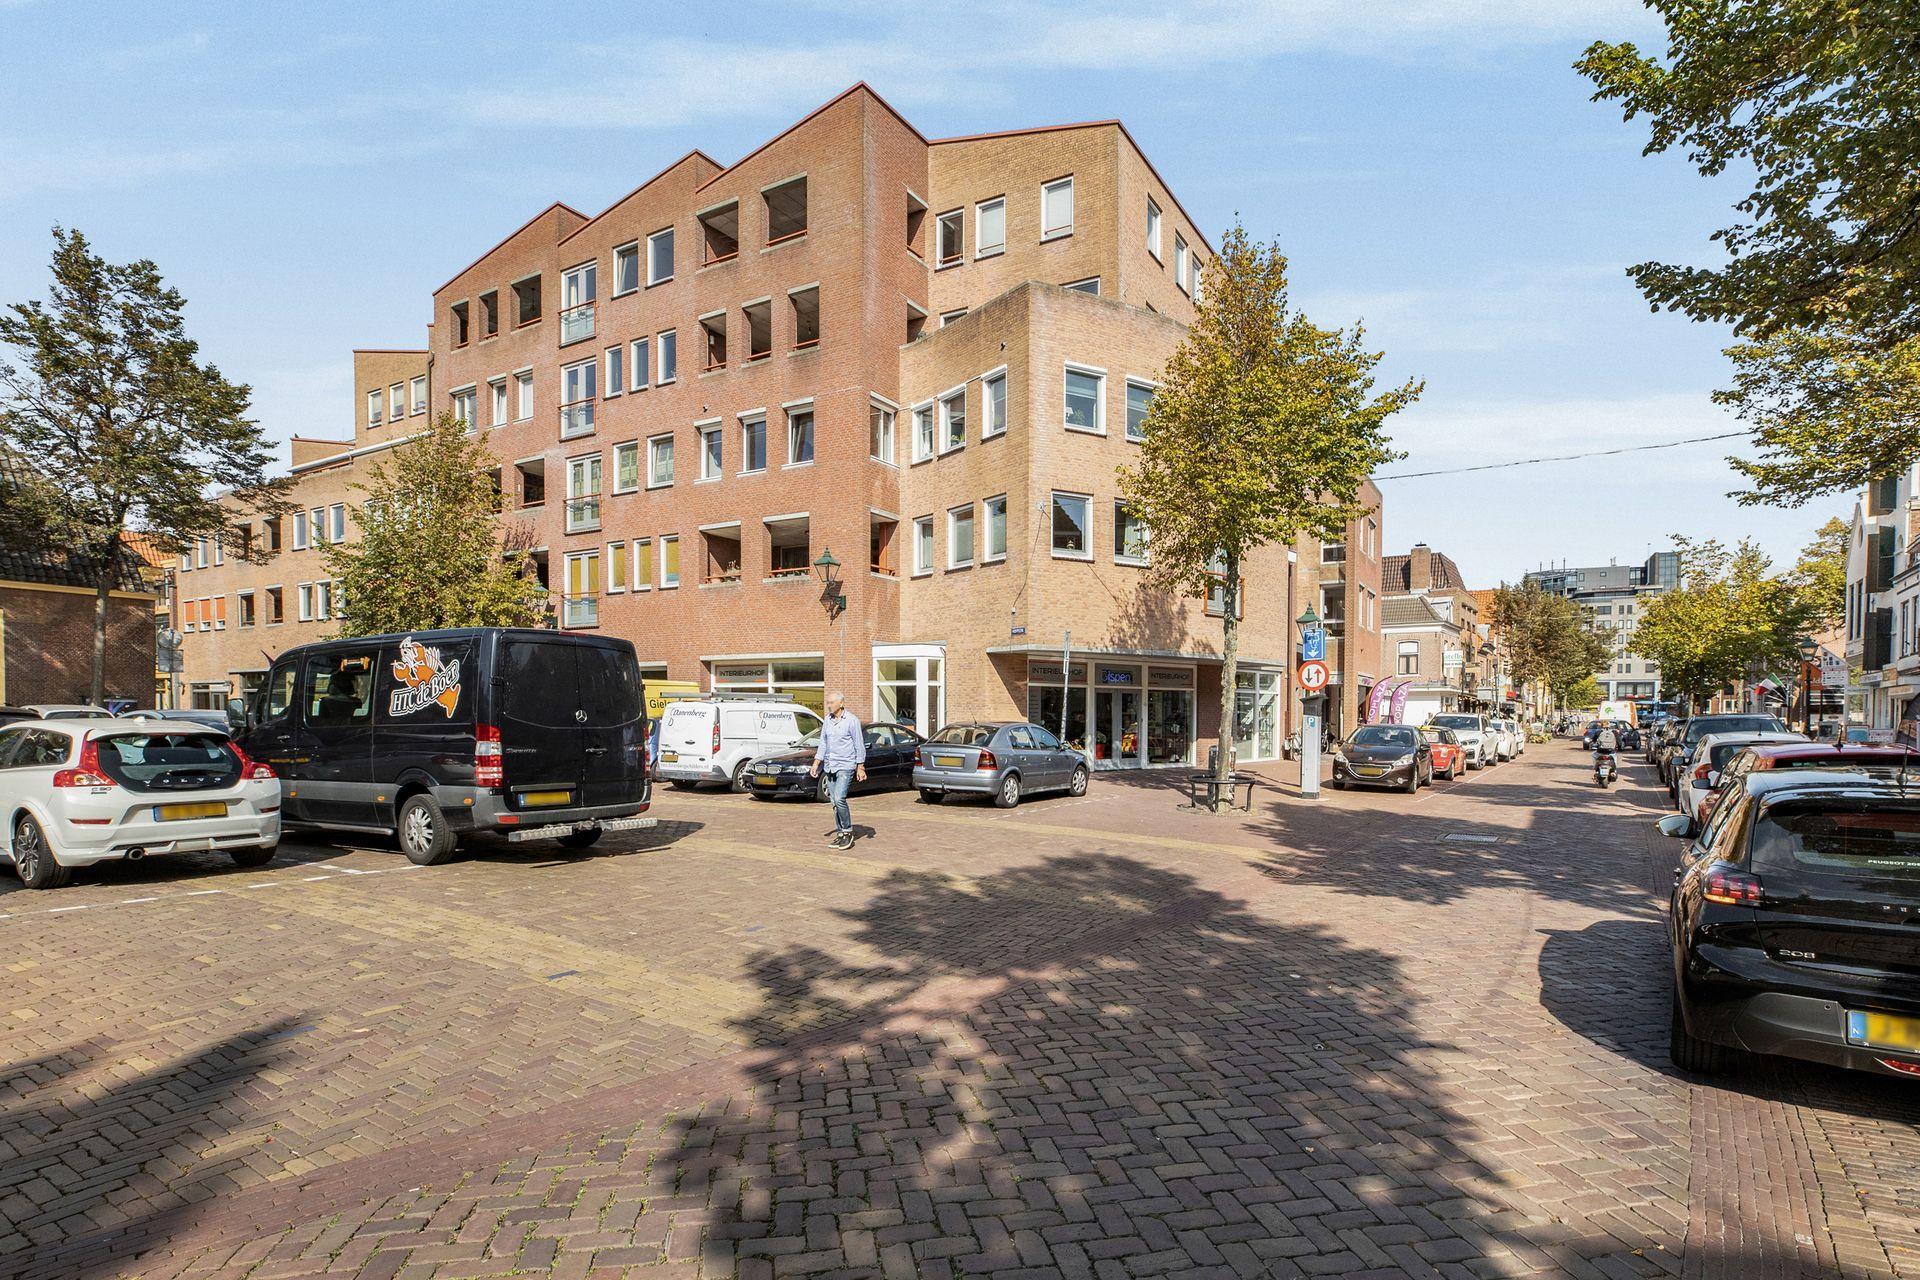 Bekijk de foto van: Hofplein 29, 1811 LE in Alkmaar - Echt Makelaars & Taxateurs